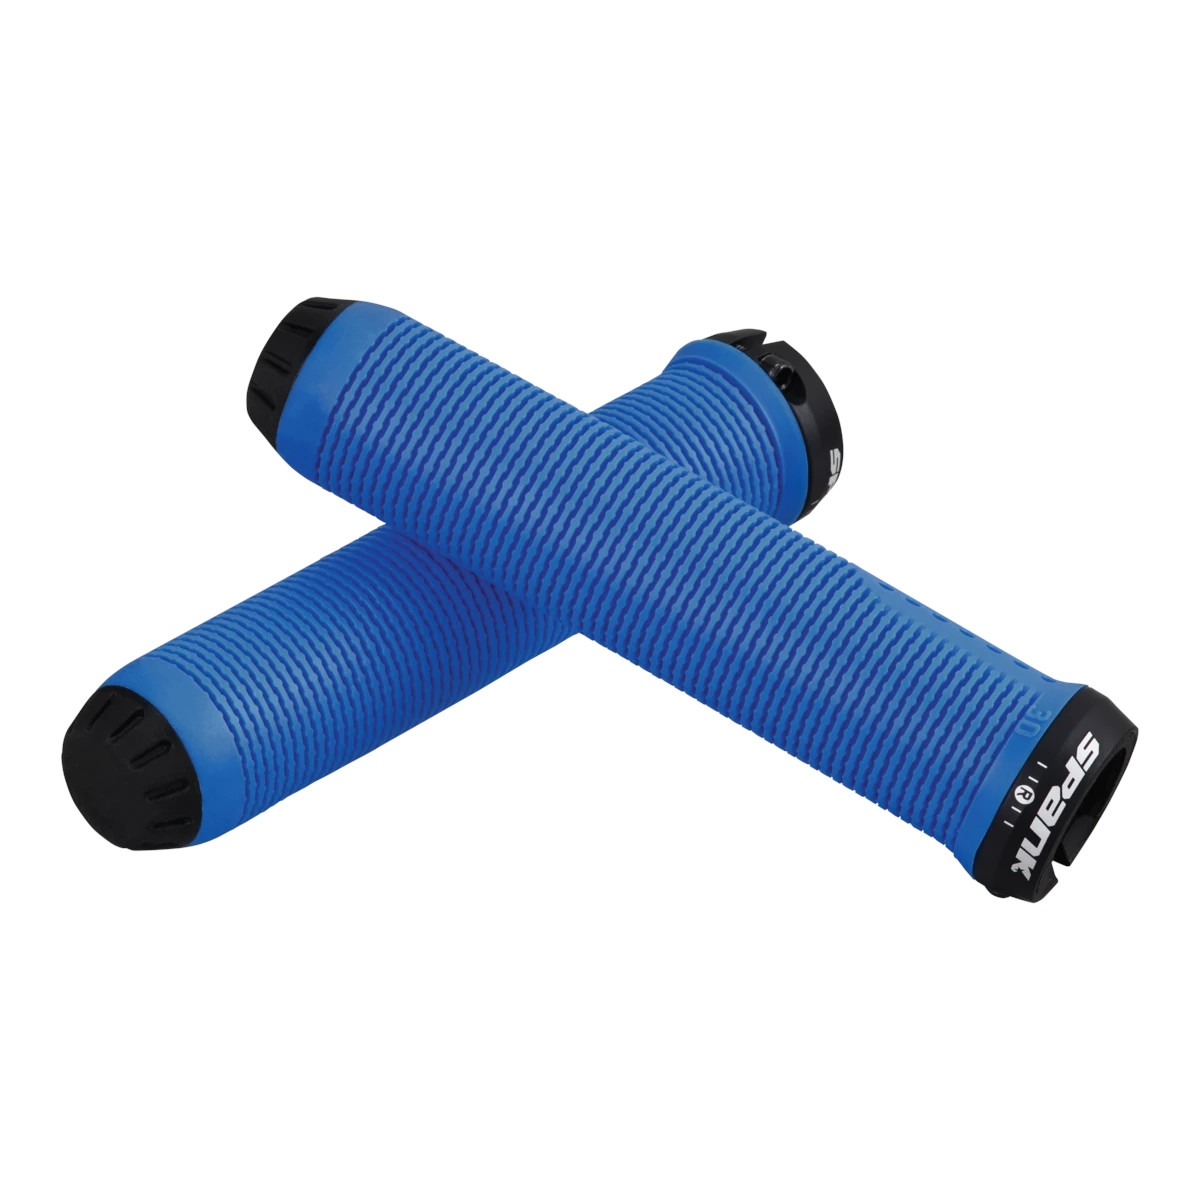 Manopole Spike 30 Lock-on 30mm x 145mm Blu